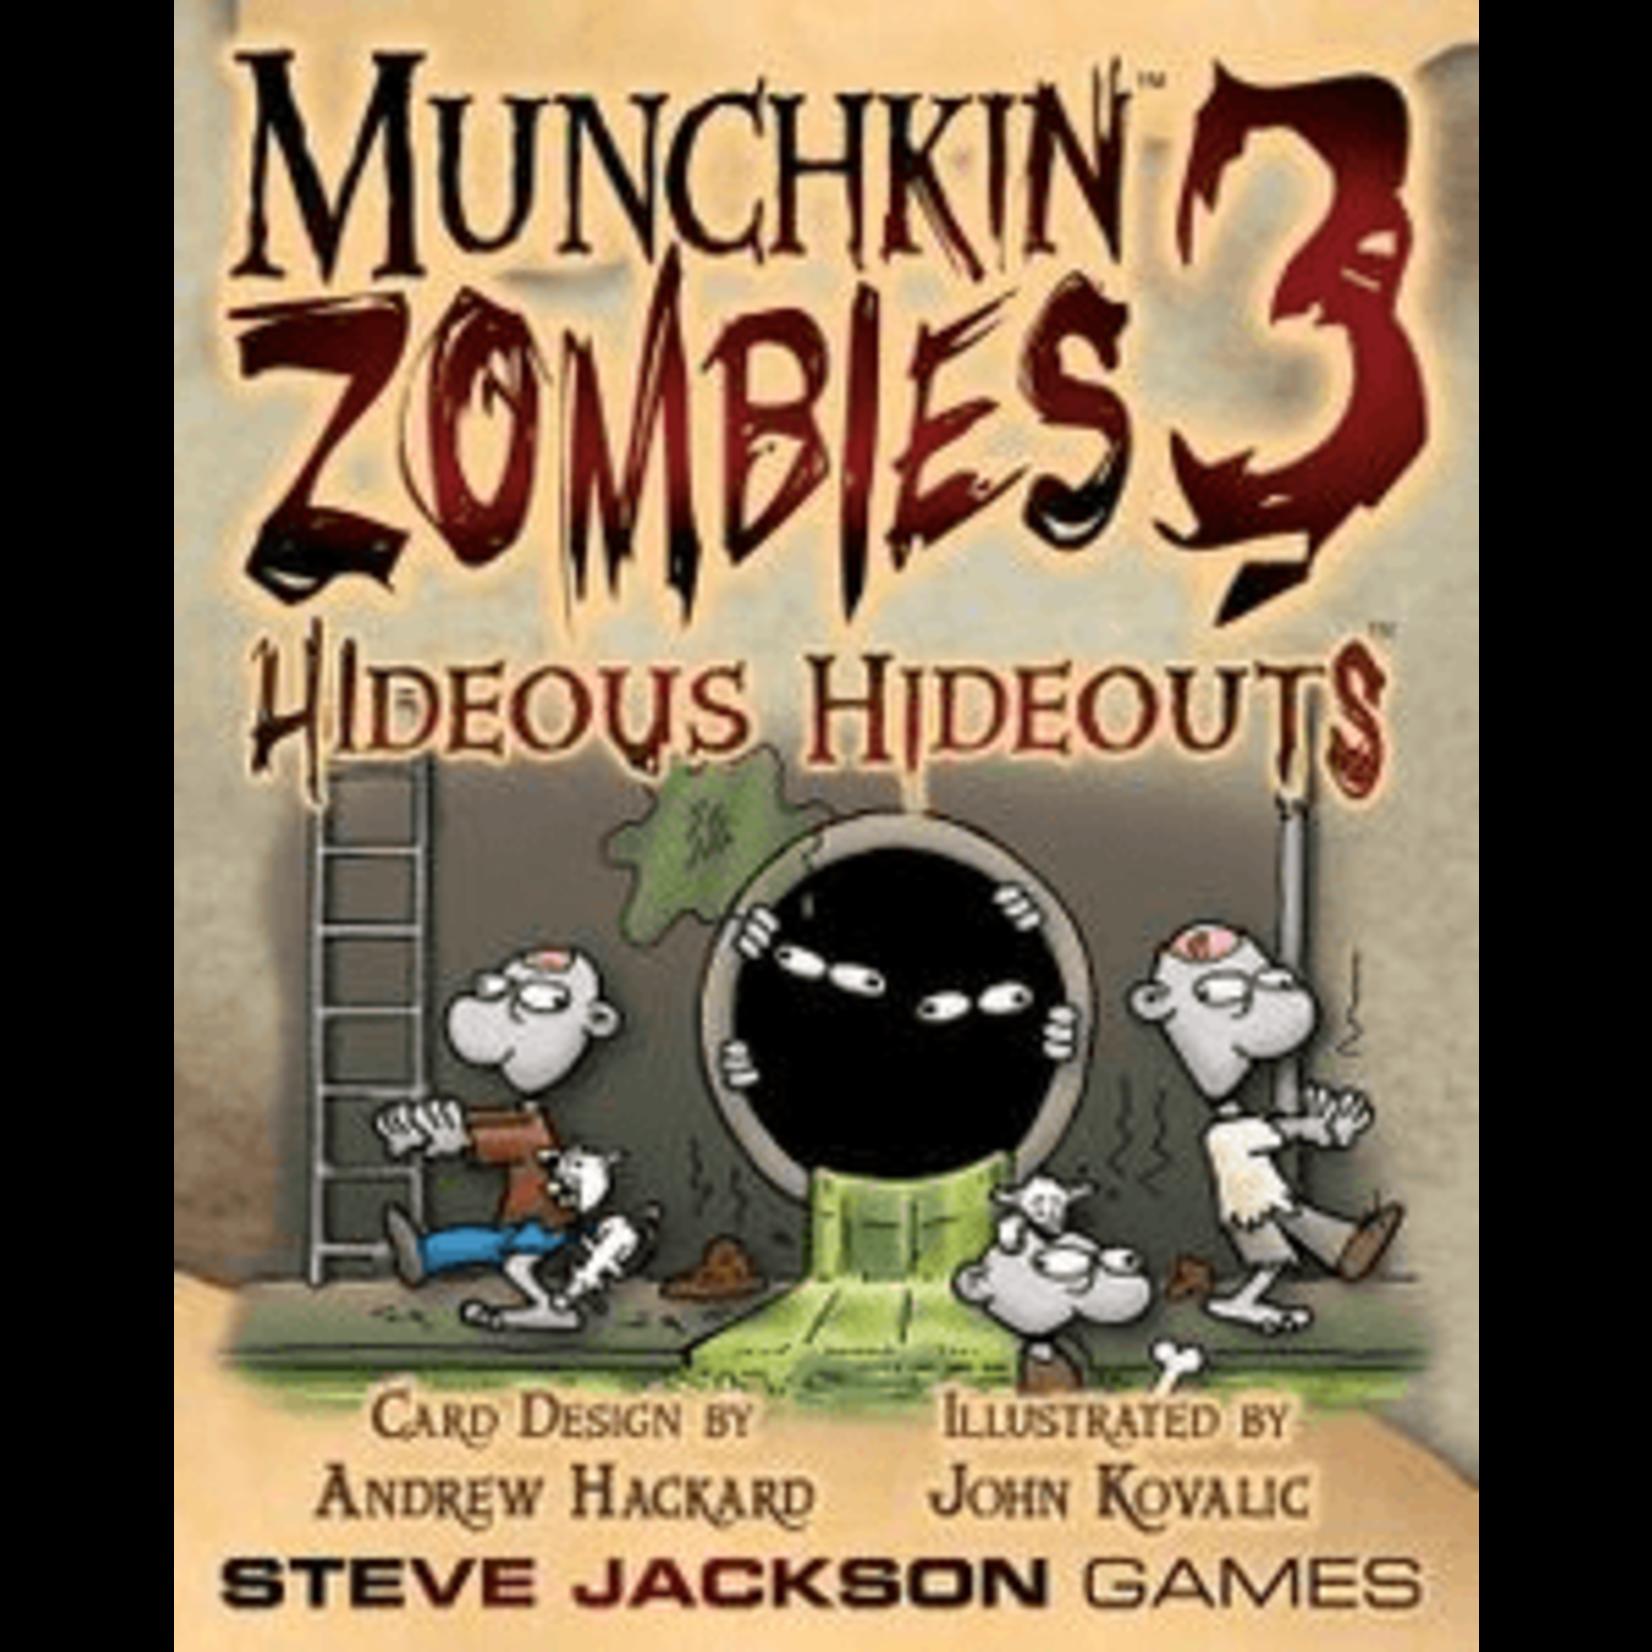 Steve Jackson Games Munchkin Zombies 3: Hideous Hideouts